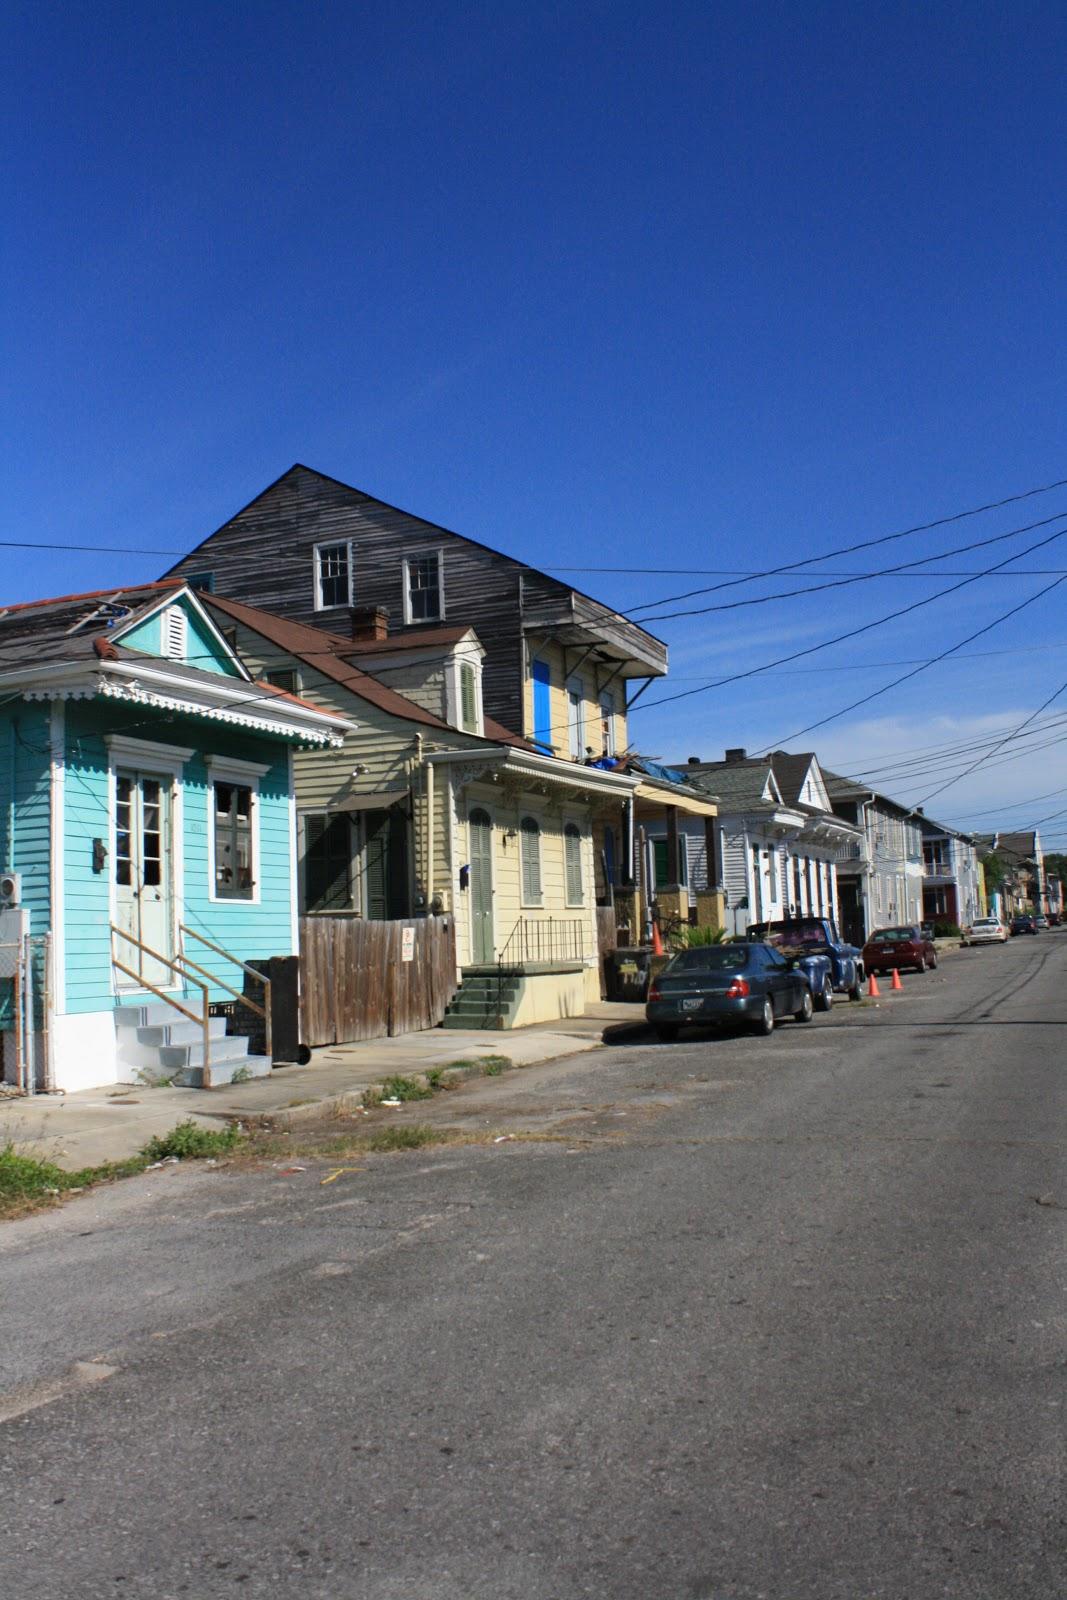 Finalmente A New Orleans Non Che La Regione Cajun Ci Abbia Stancati Ma Dopo Una Settimana Born On The Bayou Era Naturale Saltare In Citta Anzi Nella